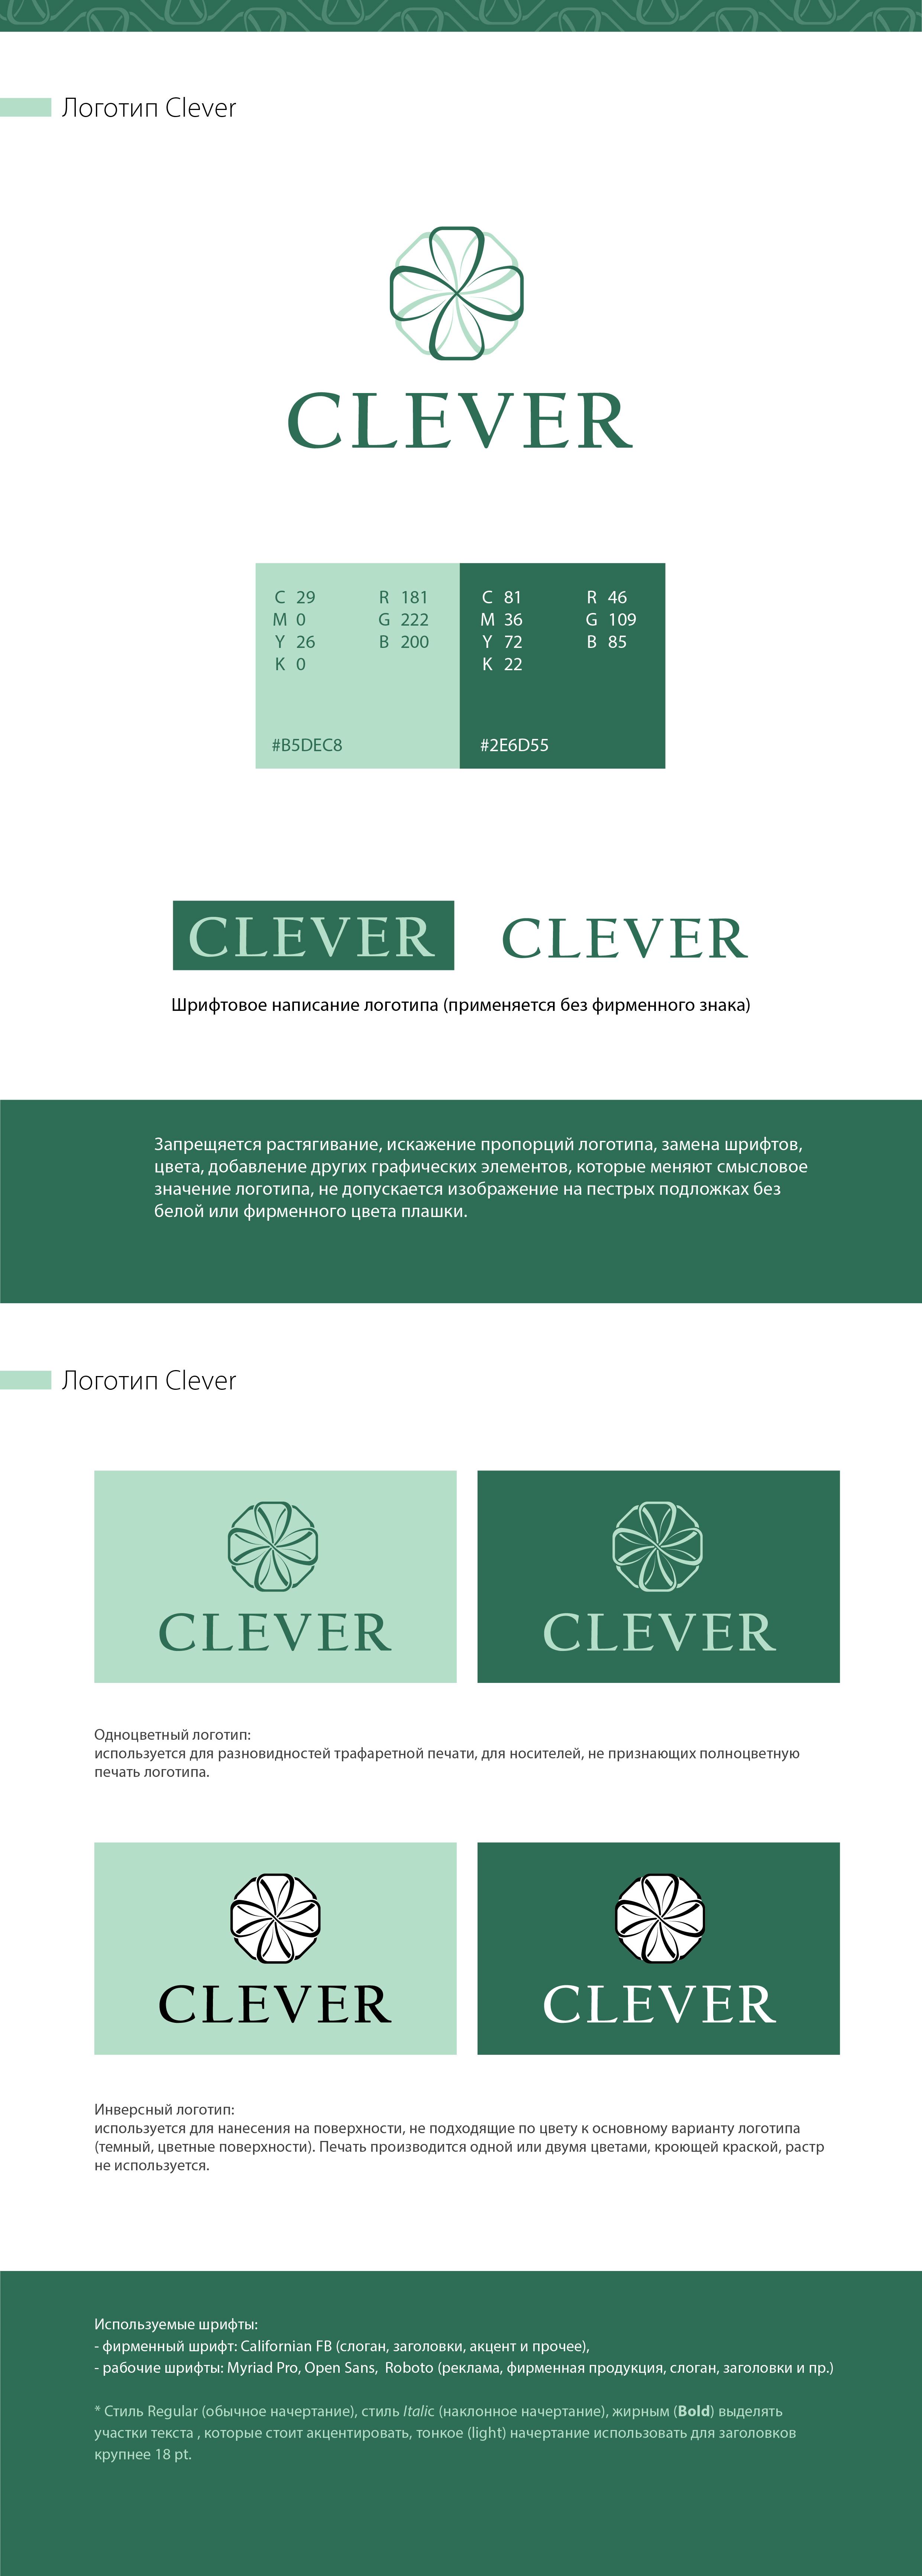 Clever - элитный клуб (гайд)